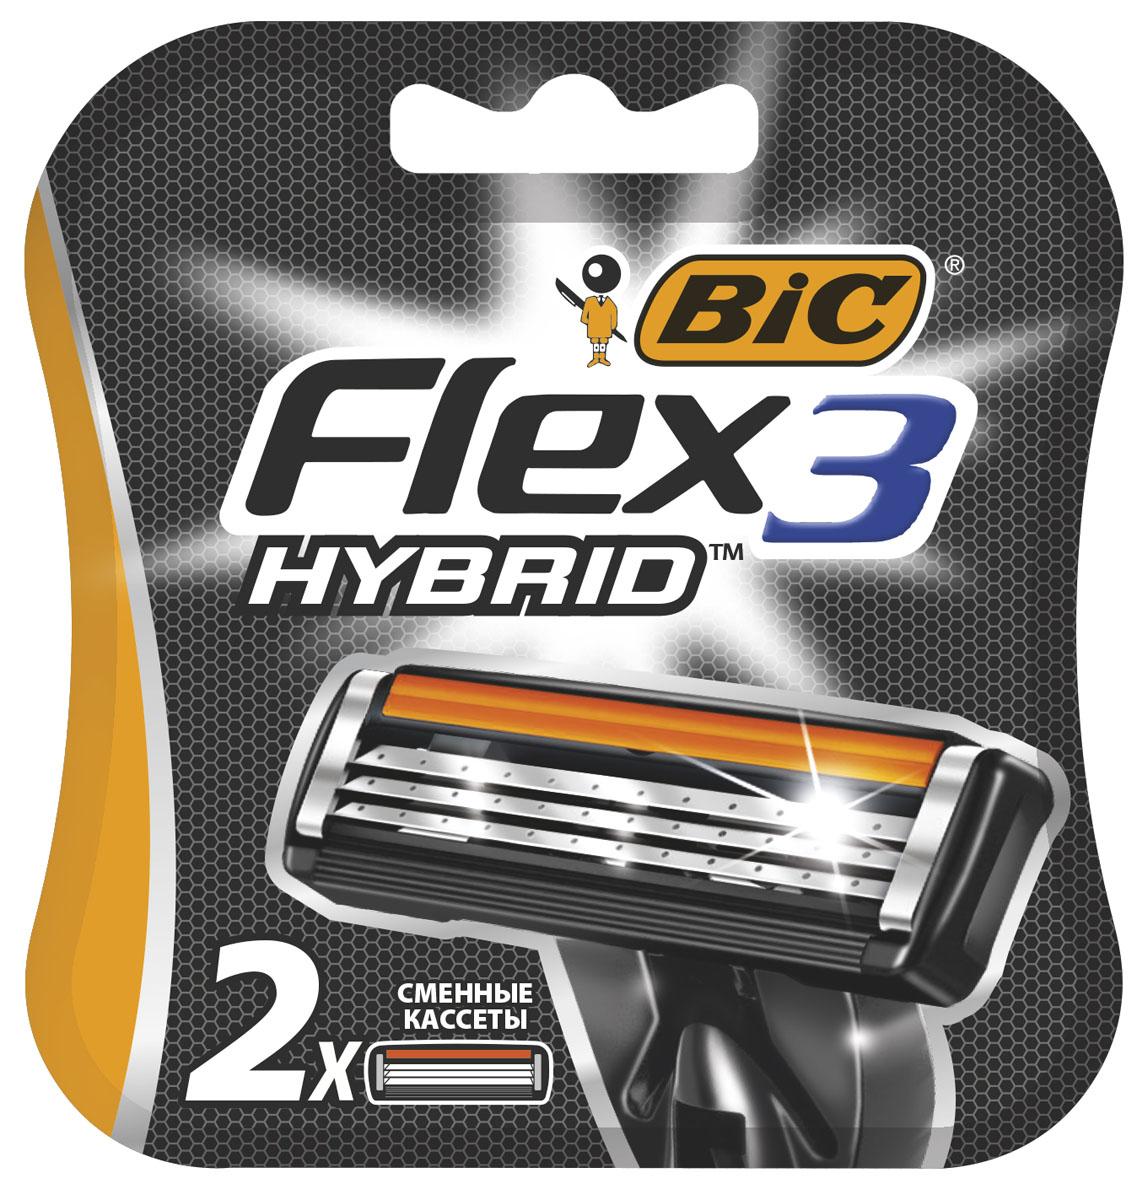 Bic Flex 3 Hybrid Сменные кассеты для бритья, 2 штMCT-75070382_новый дизайнТри высококачественных лезвия, плавающих независимо друг от друга. Хромо-полимерное покрытие лезвий. Более широкий резиновый предохранитель.